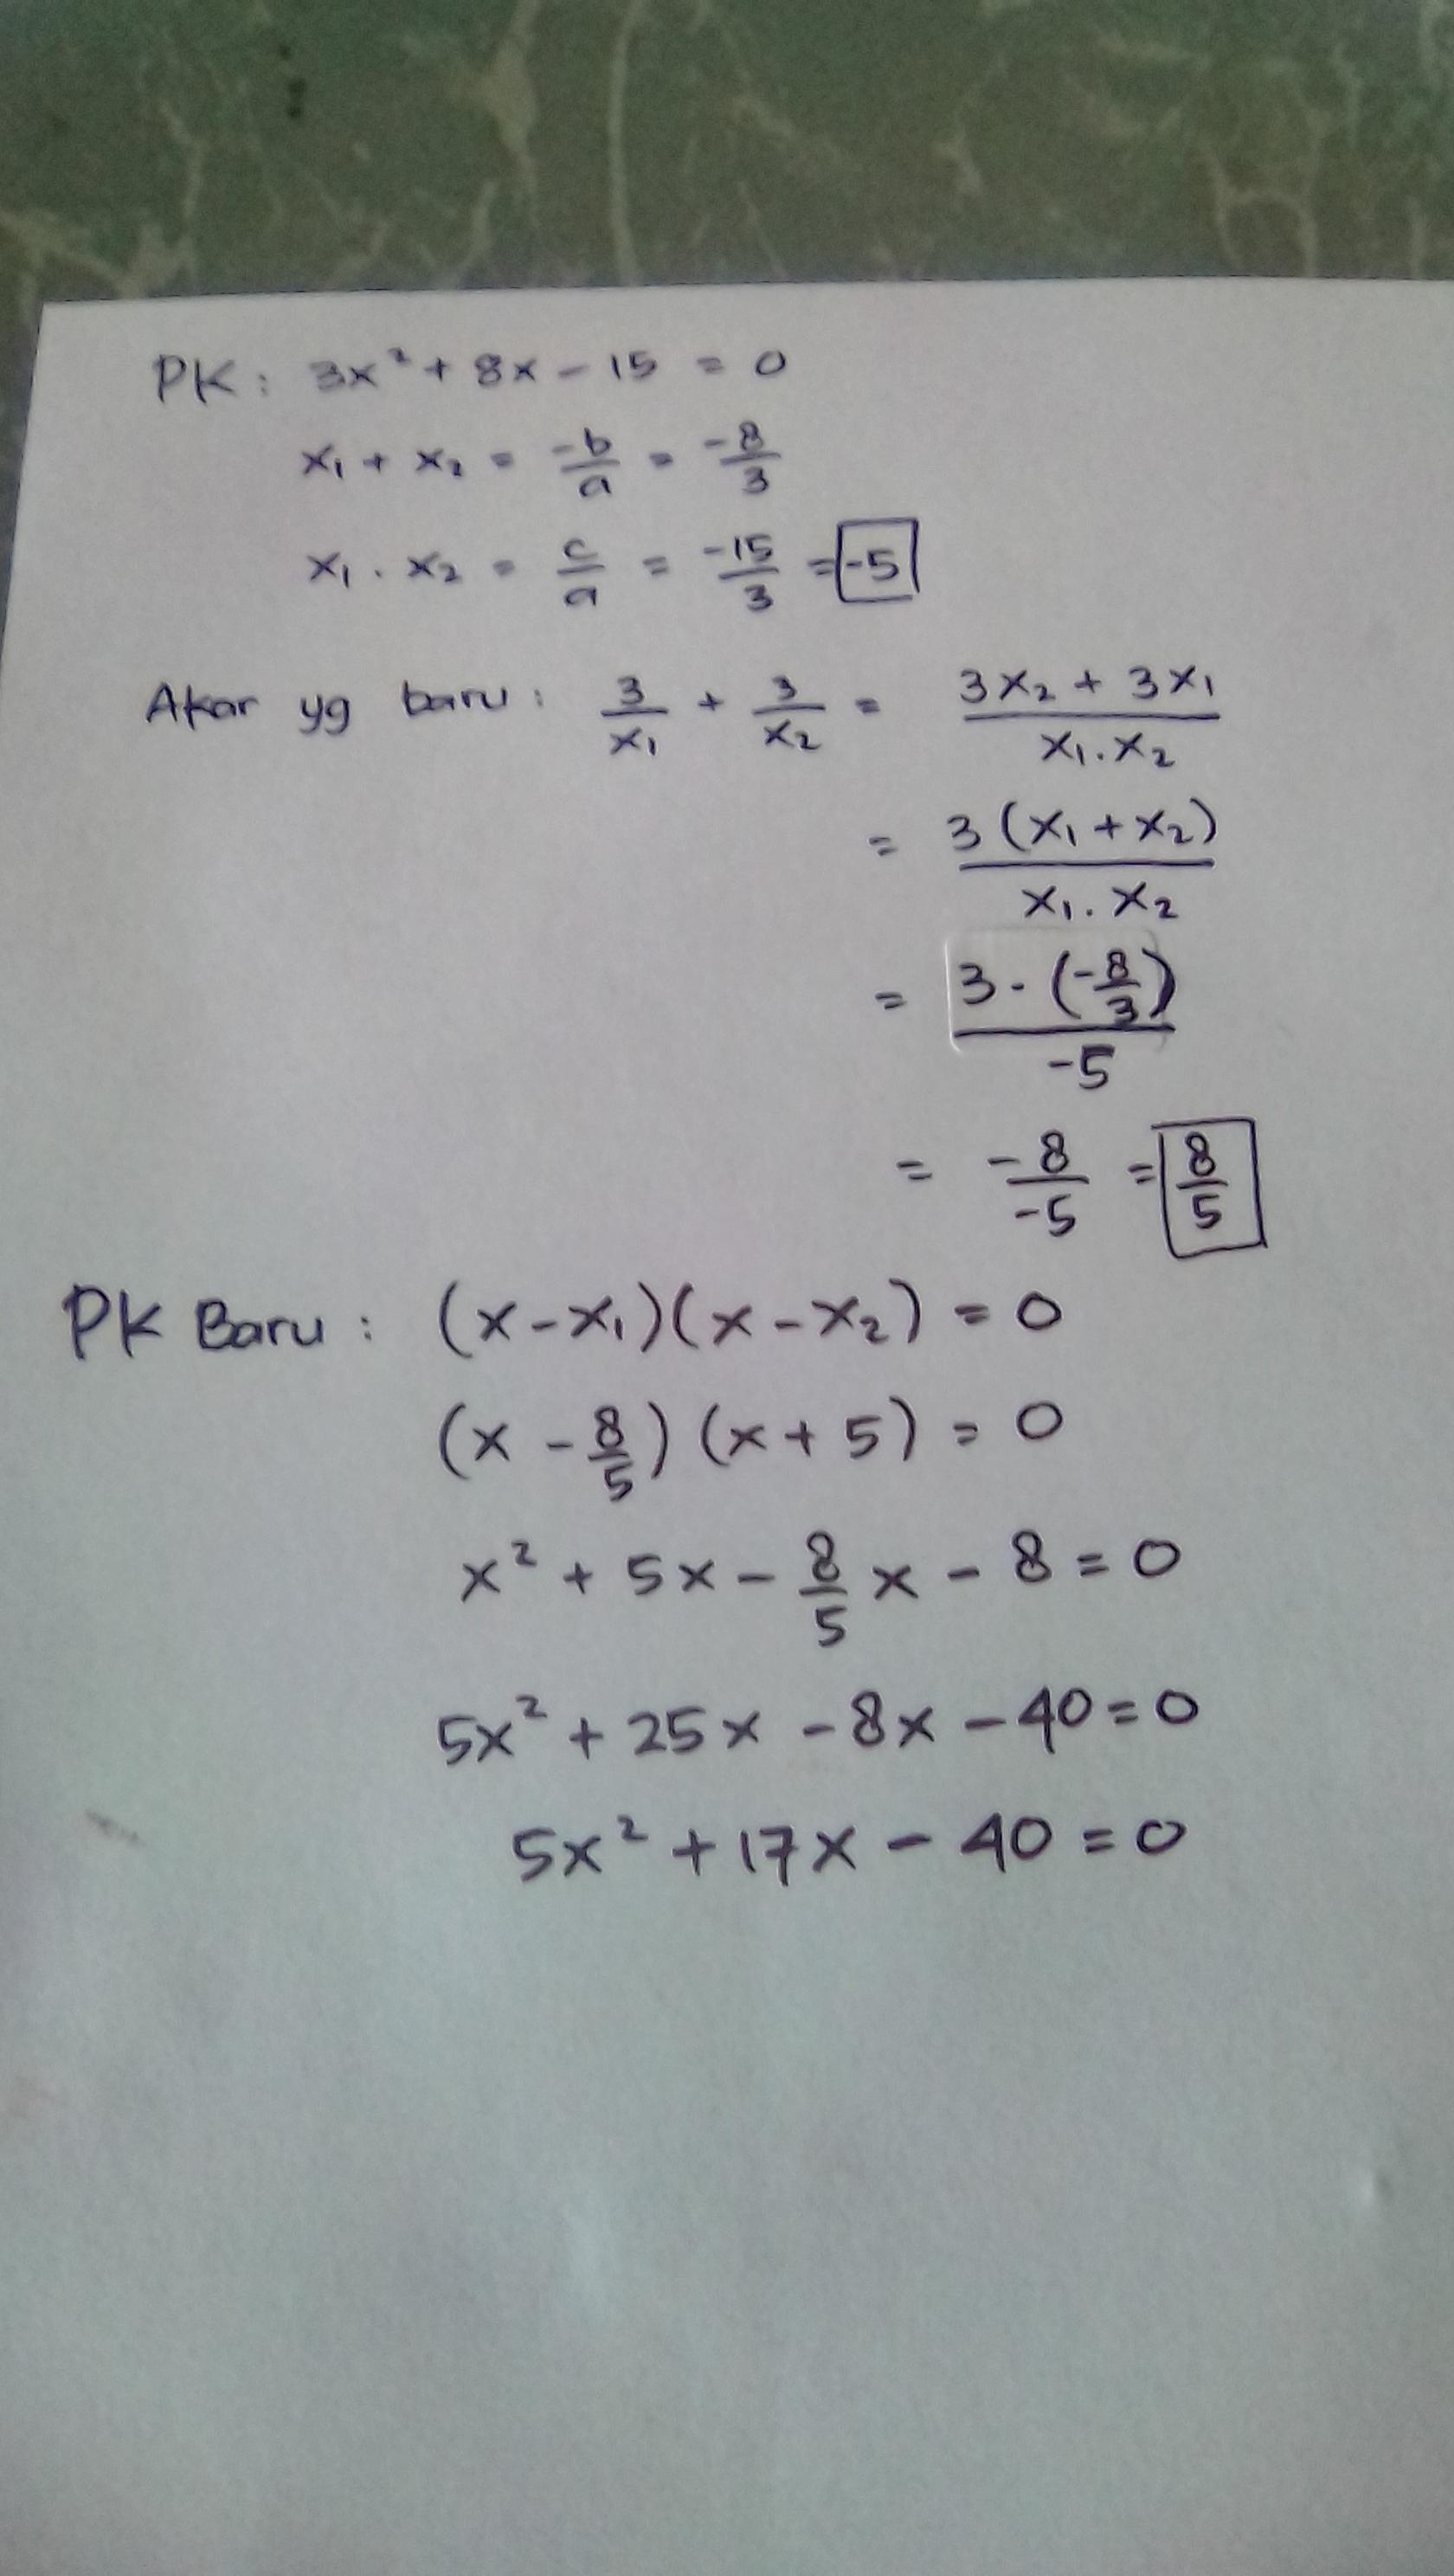 Persamaan dan pertidaksamaan kuadrat | Make a suggestion